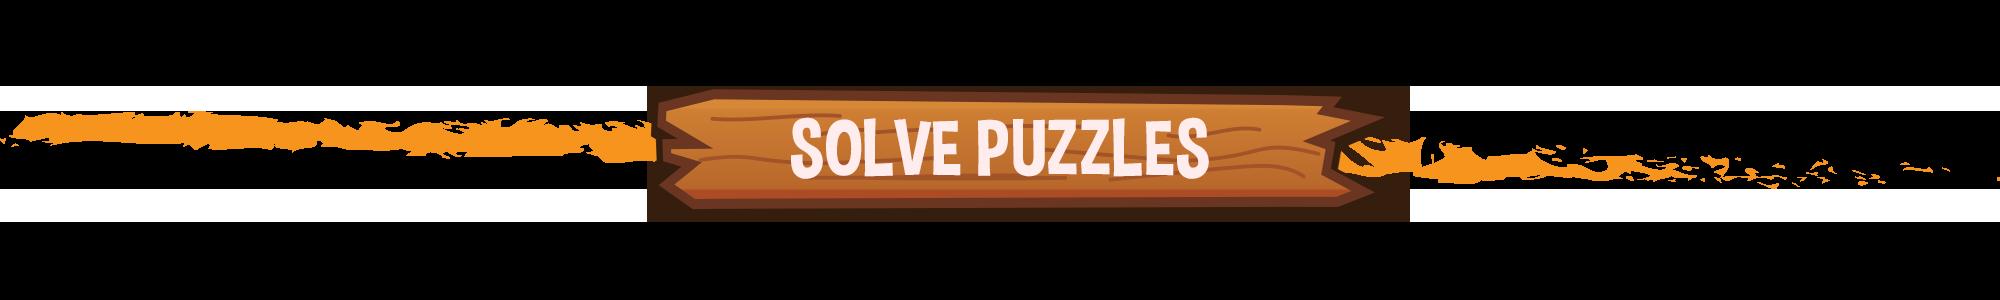 SolvePuzzles